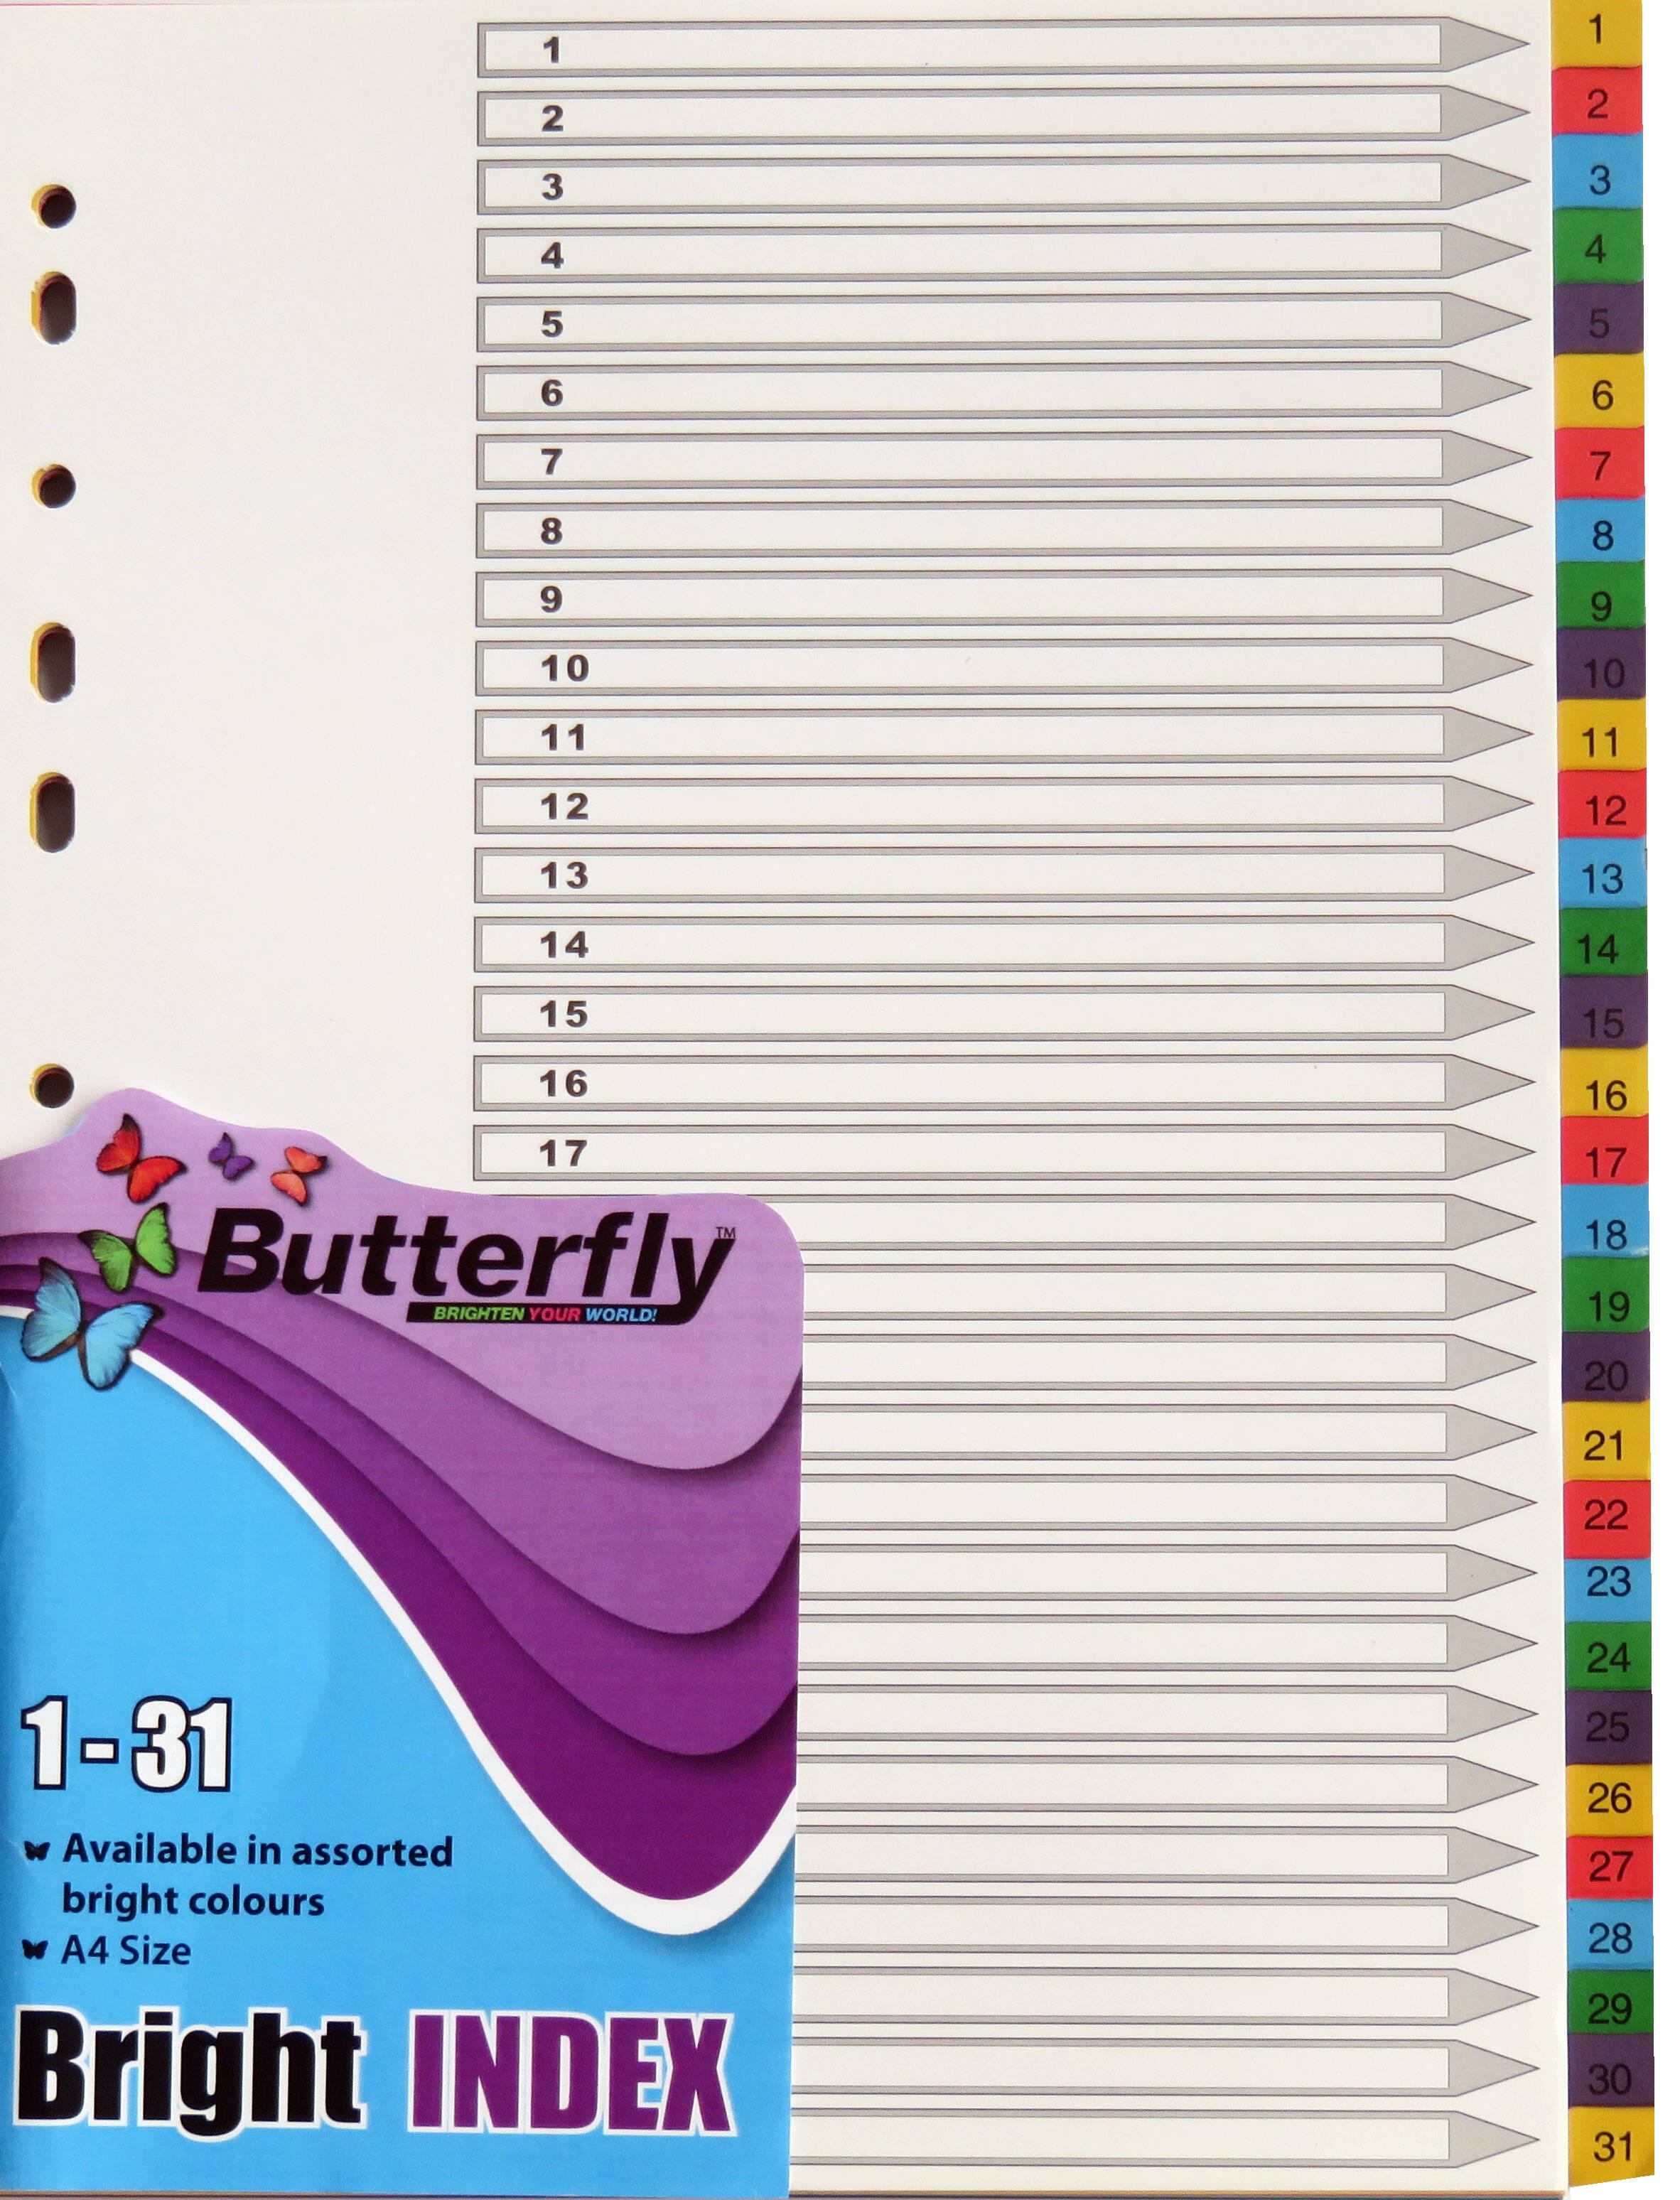 A4 File Dividers Bright Board - 31 Tab 1-31